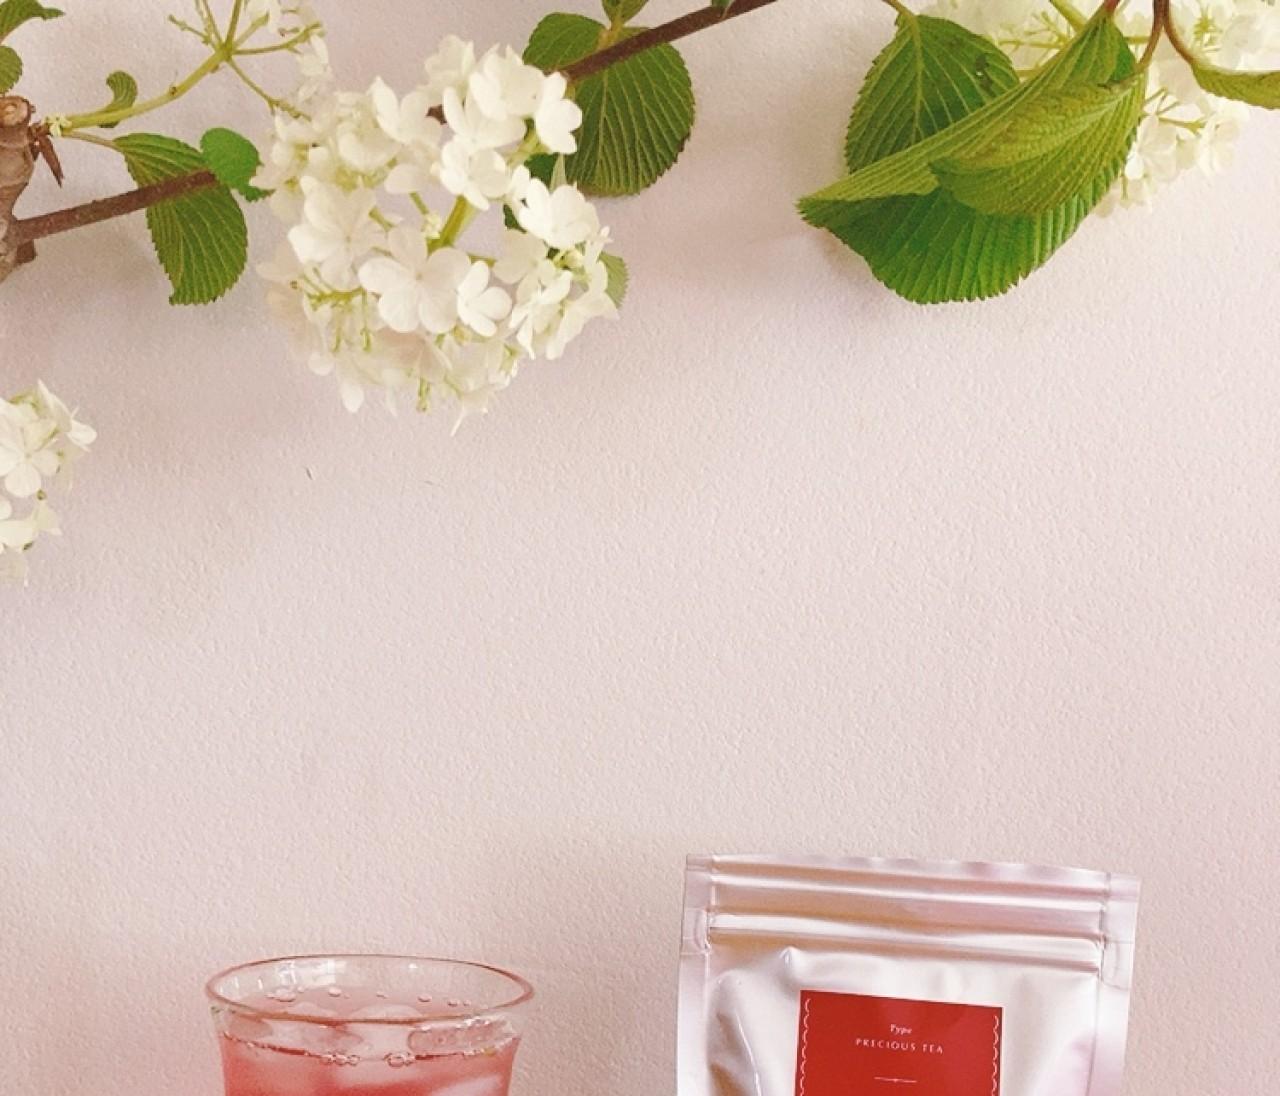 疲れと夏バテ防止に。鮮やかな冷茶で気分リフレッシュ!